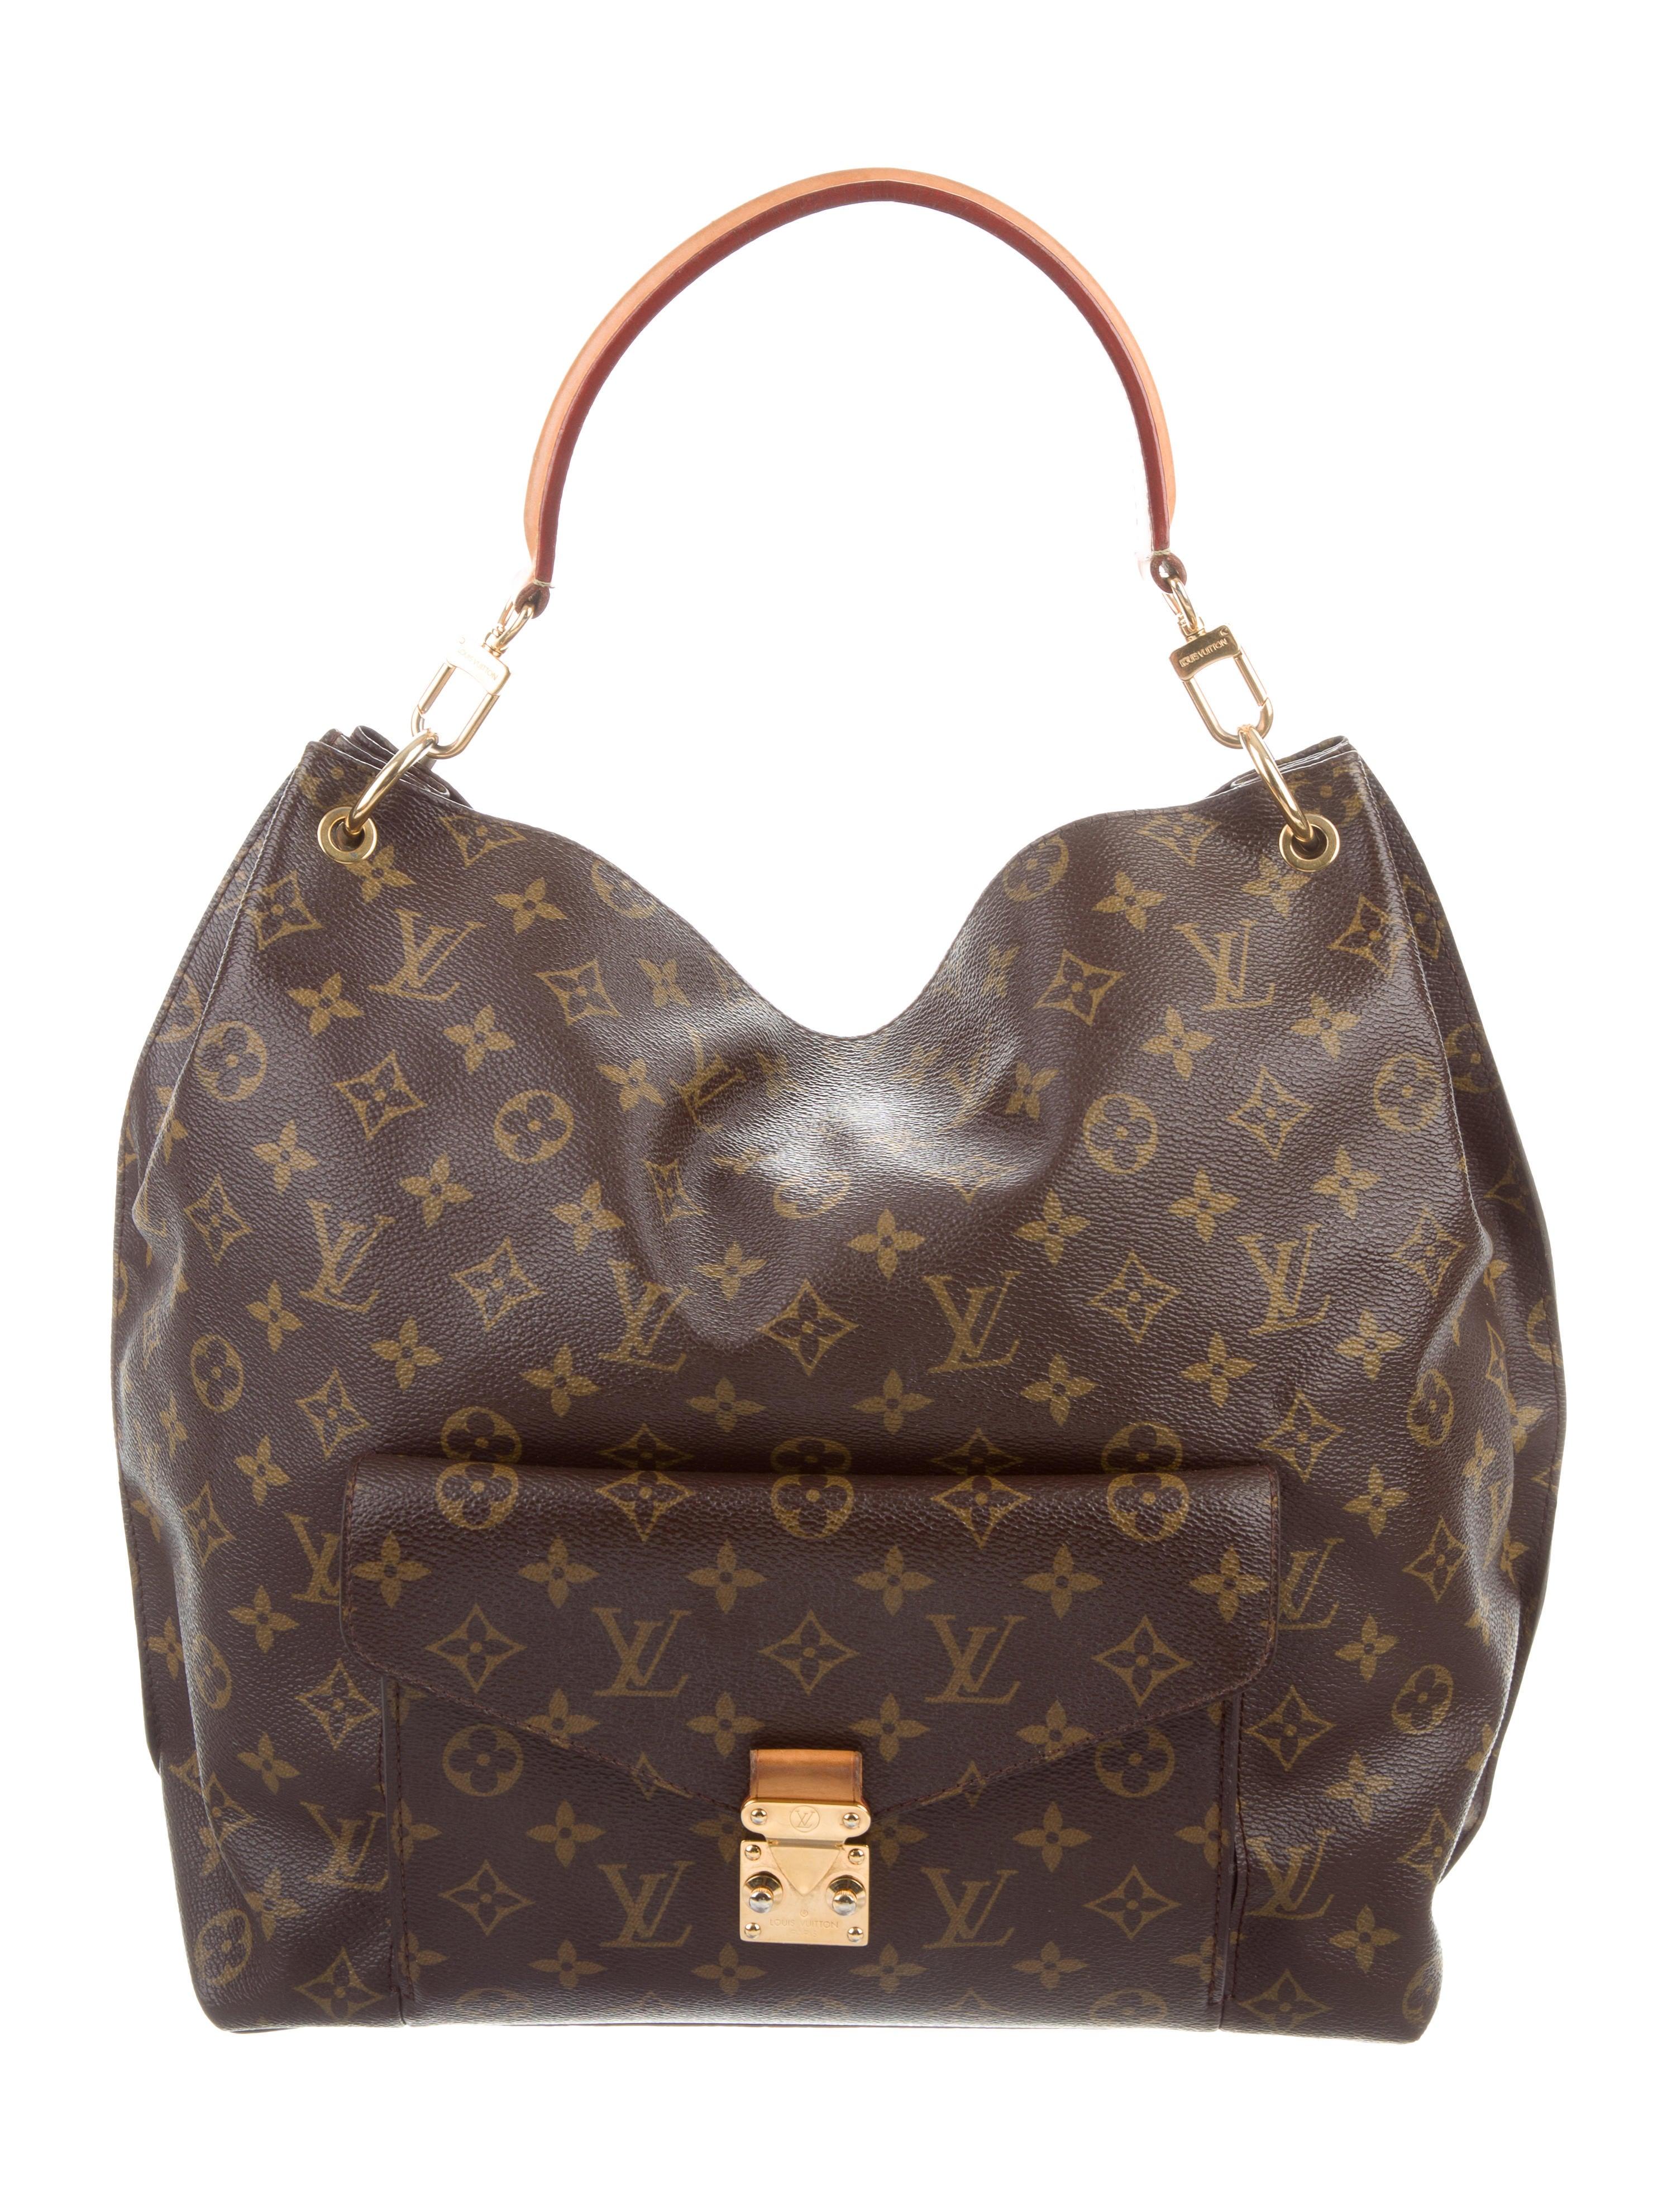 Louis Vuitton Handbags  489fabdc9eb53